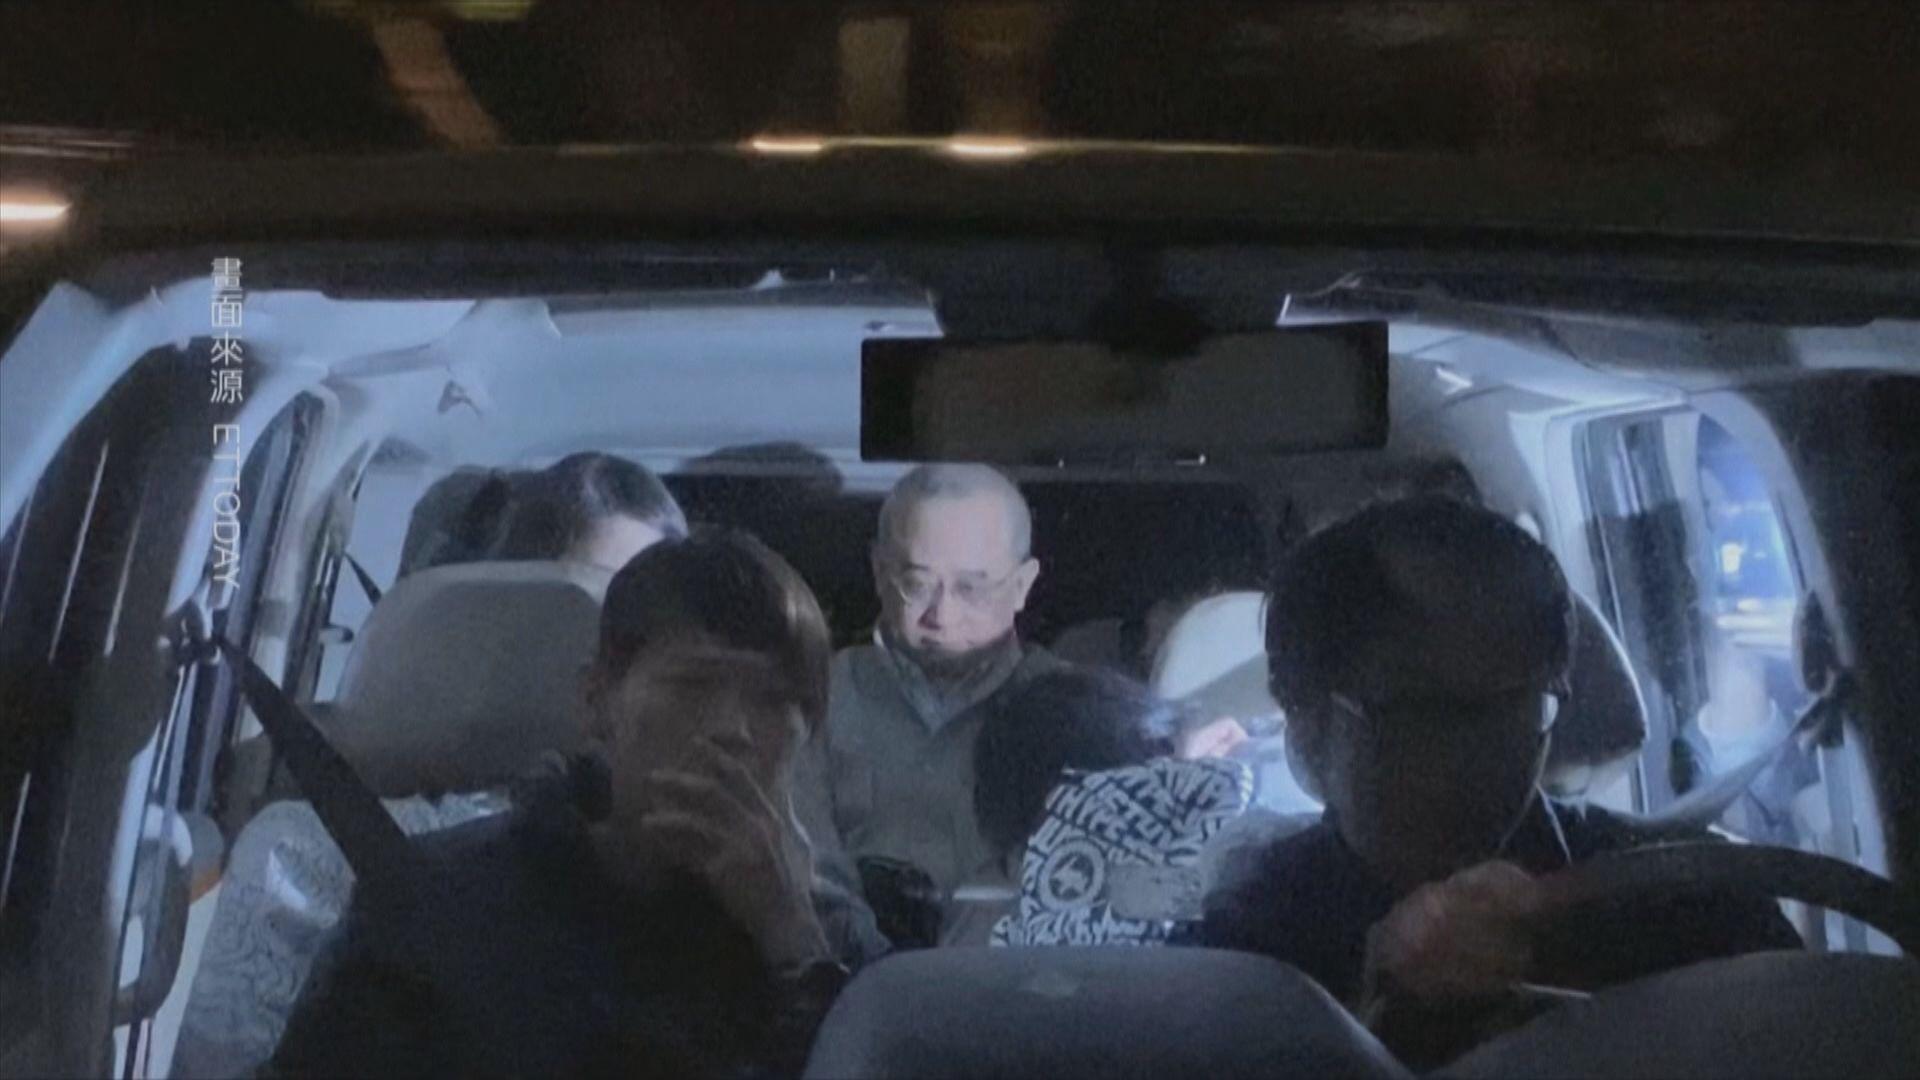 王立強間諜案 蔡英文派人前往澳洲搜證